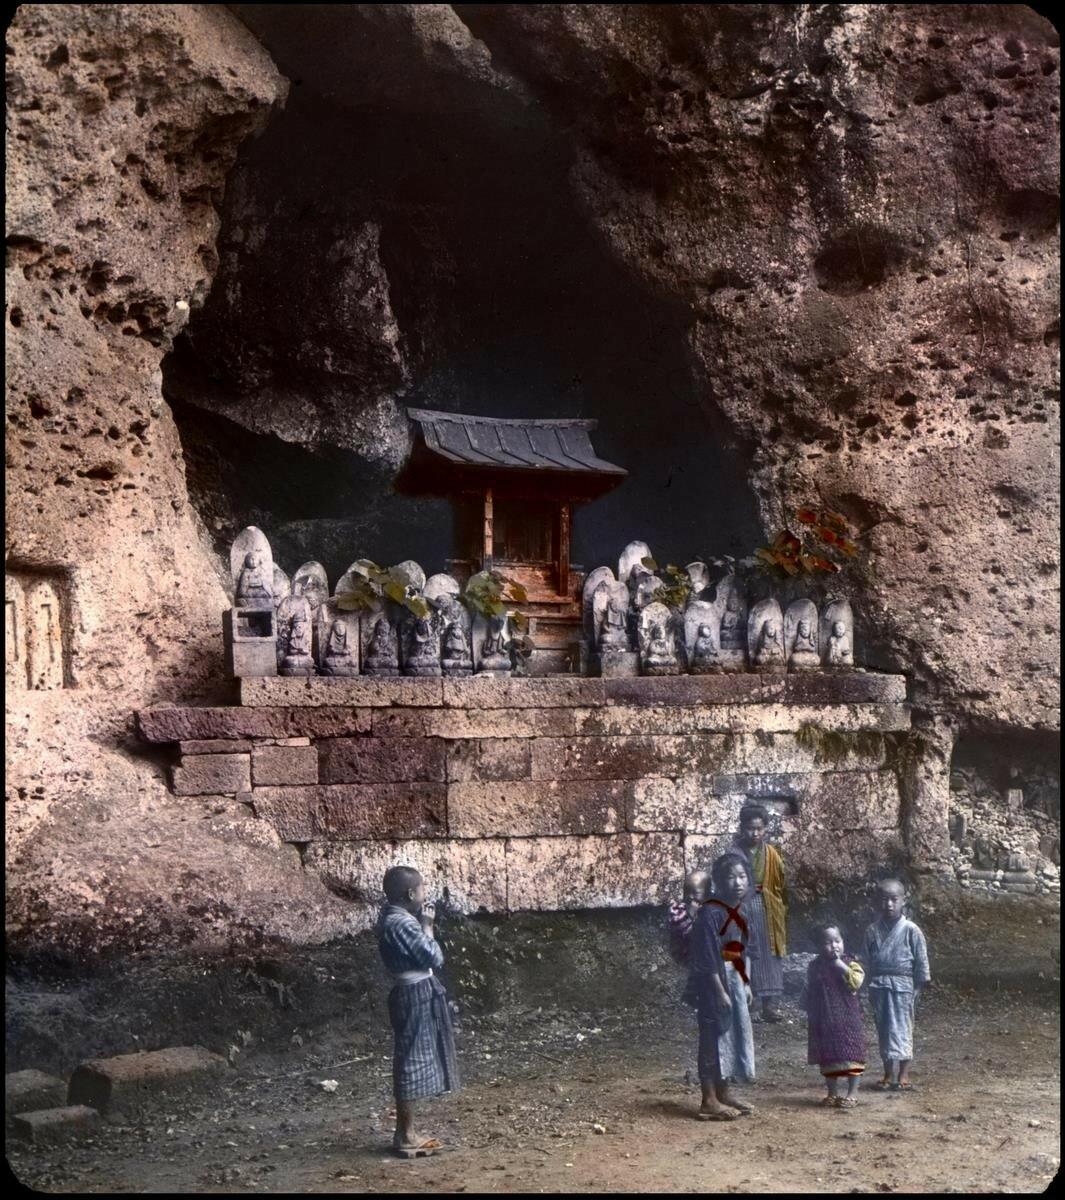 Каменные изображения Дзидзо, покровителя детей и путников